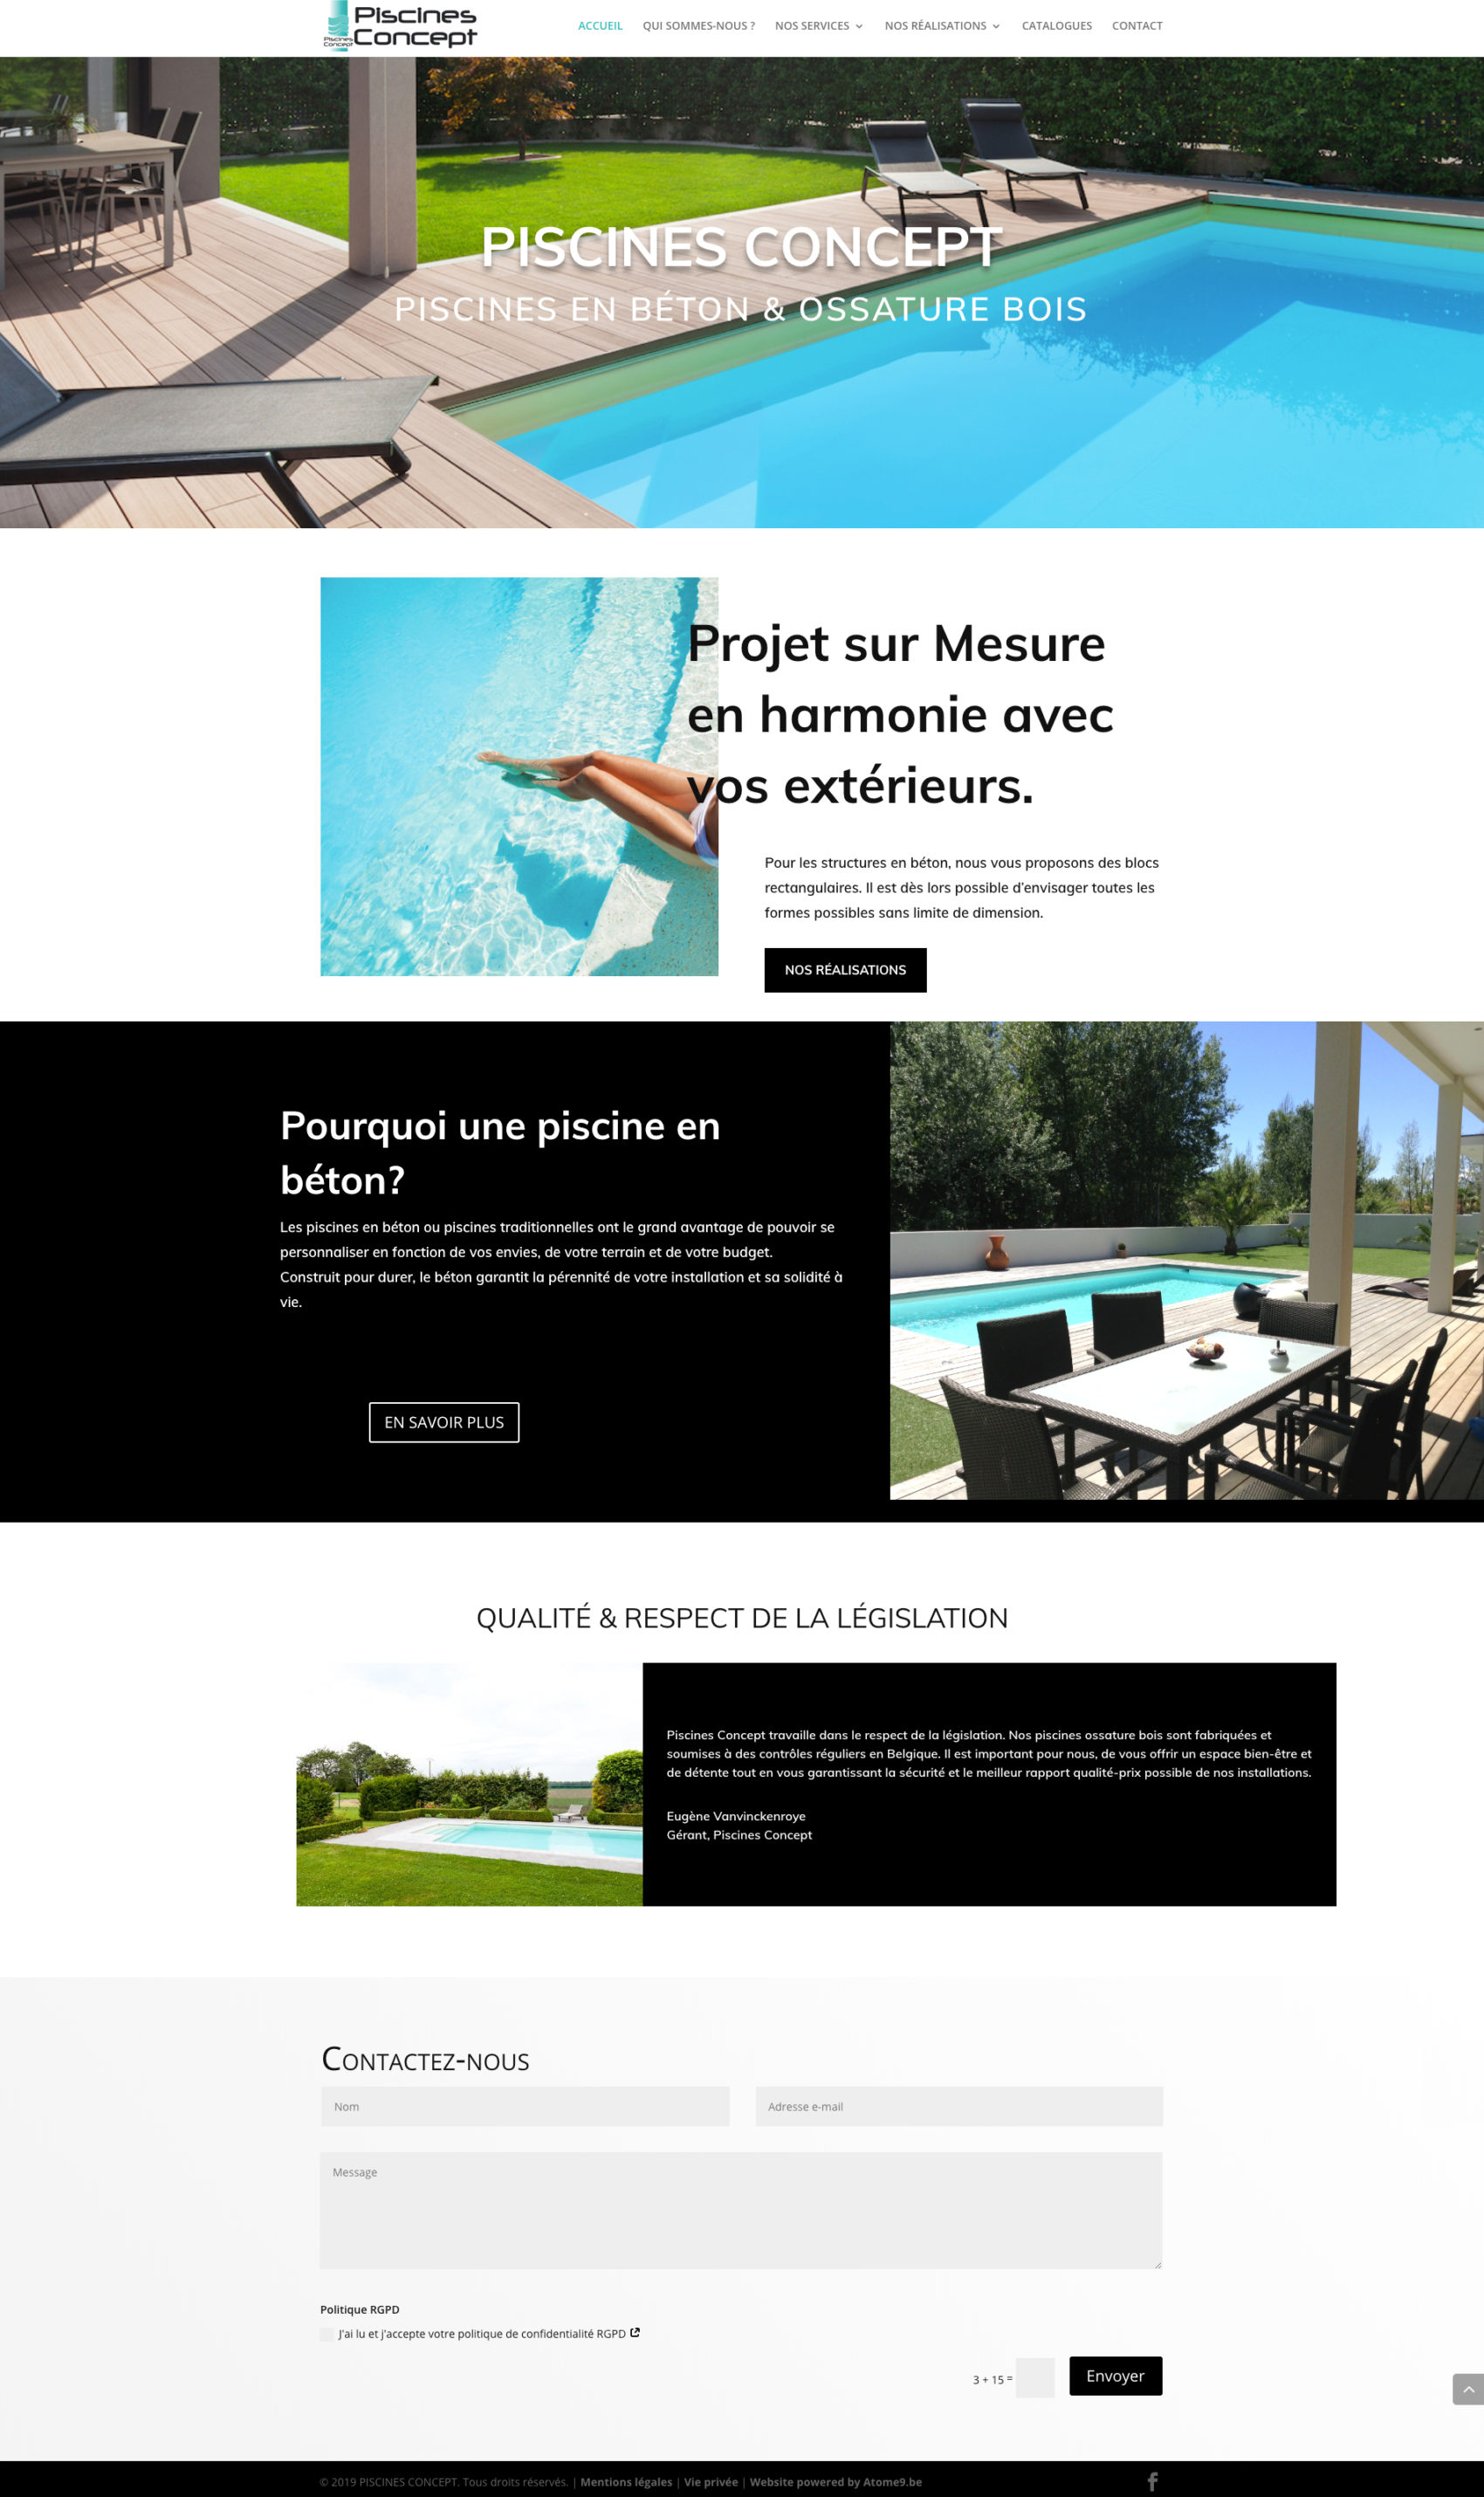 Piscines Concept Réalisation Site Internet Présentation Home